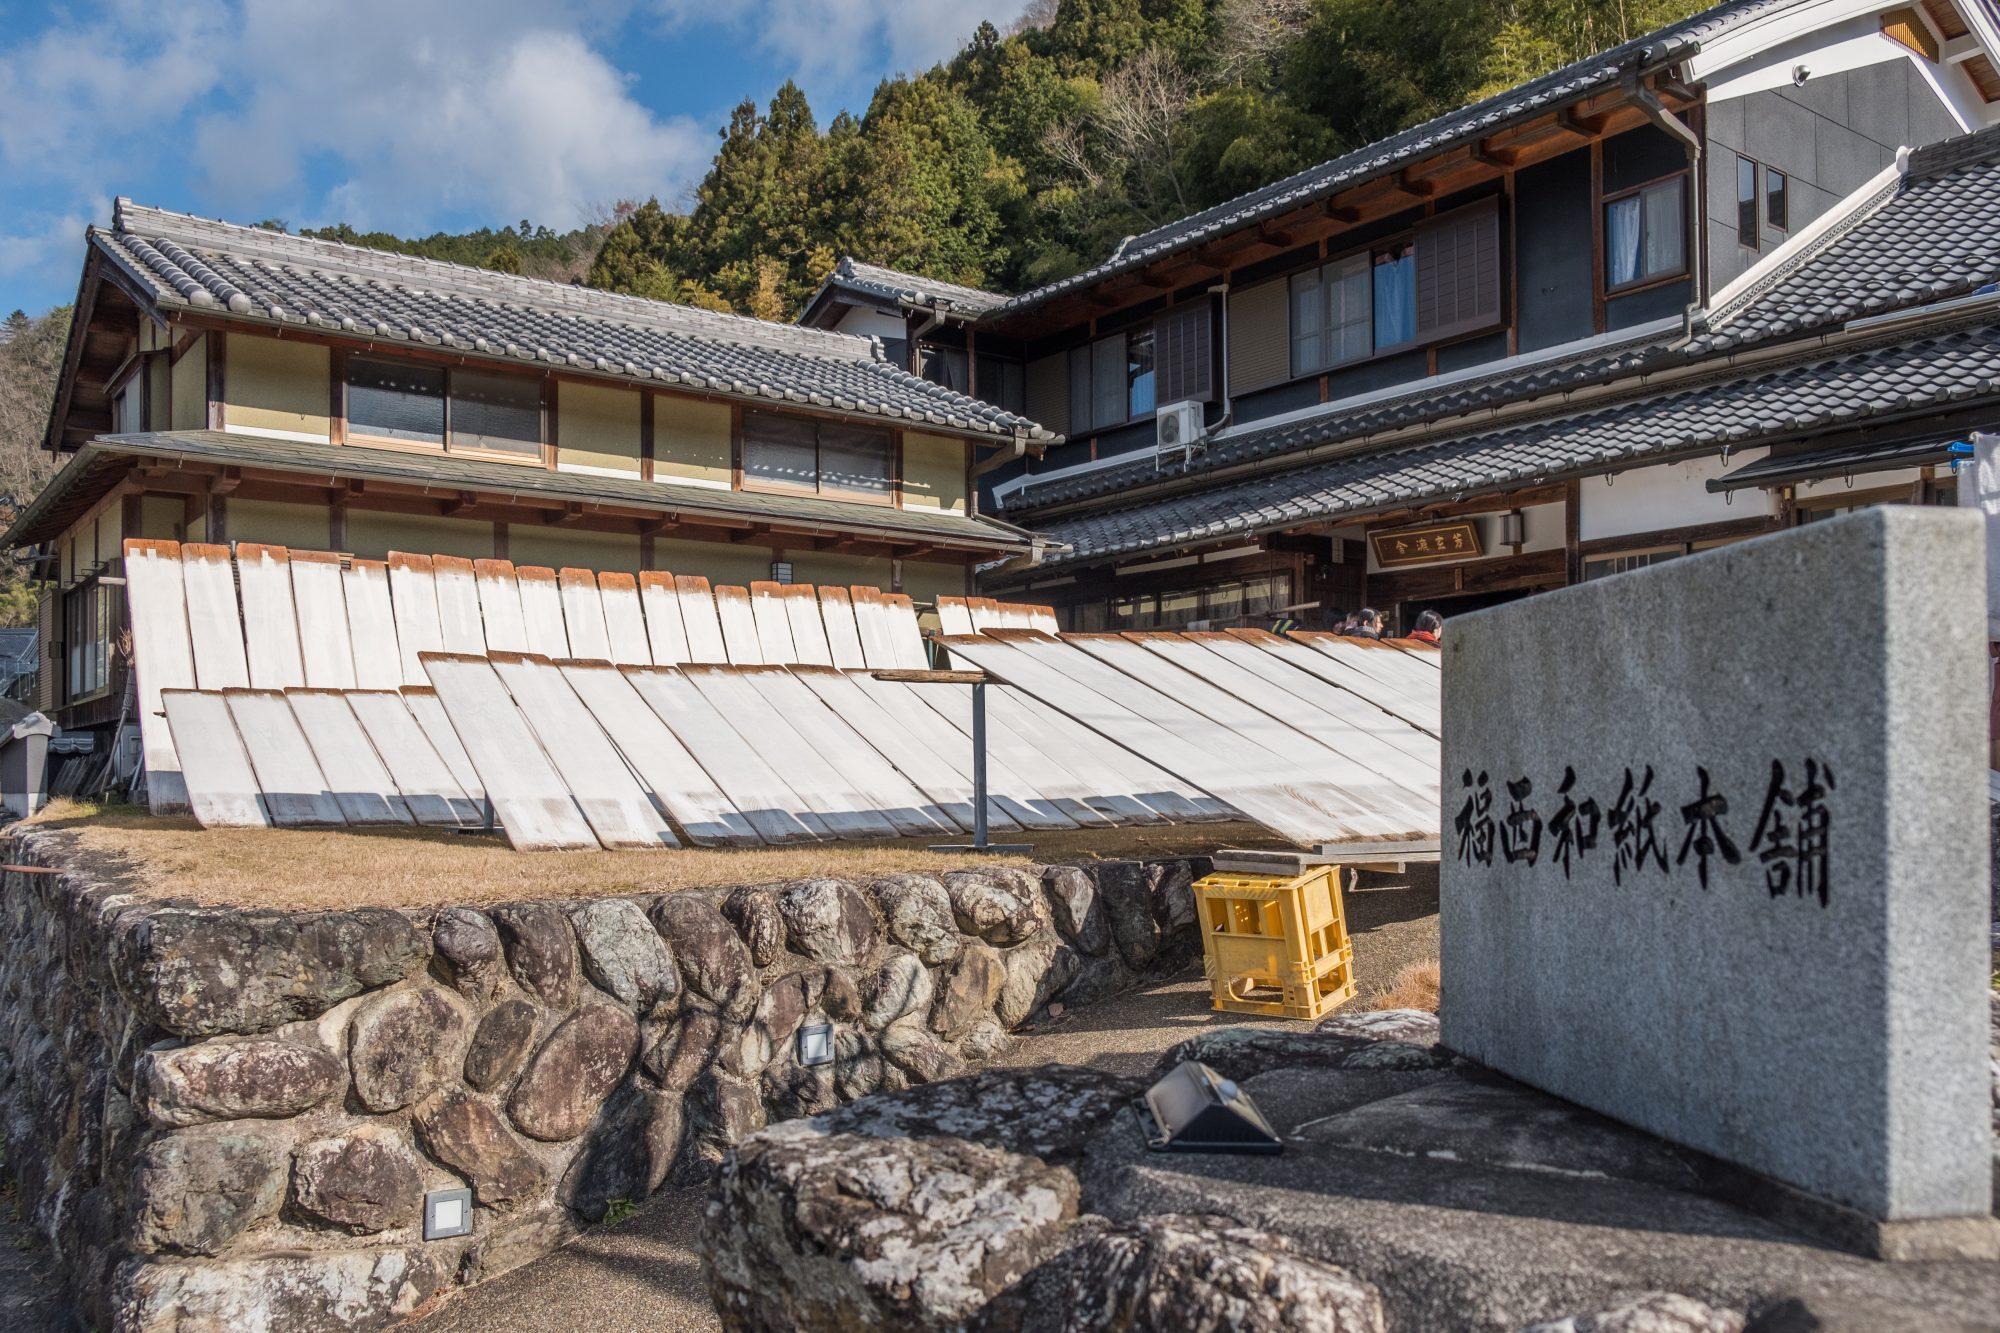 日本最古の高級和紙 吉野での和紙漉き体験